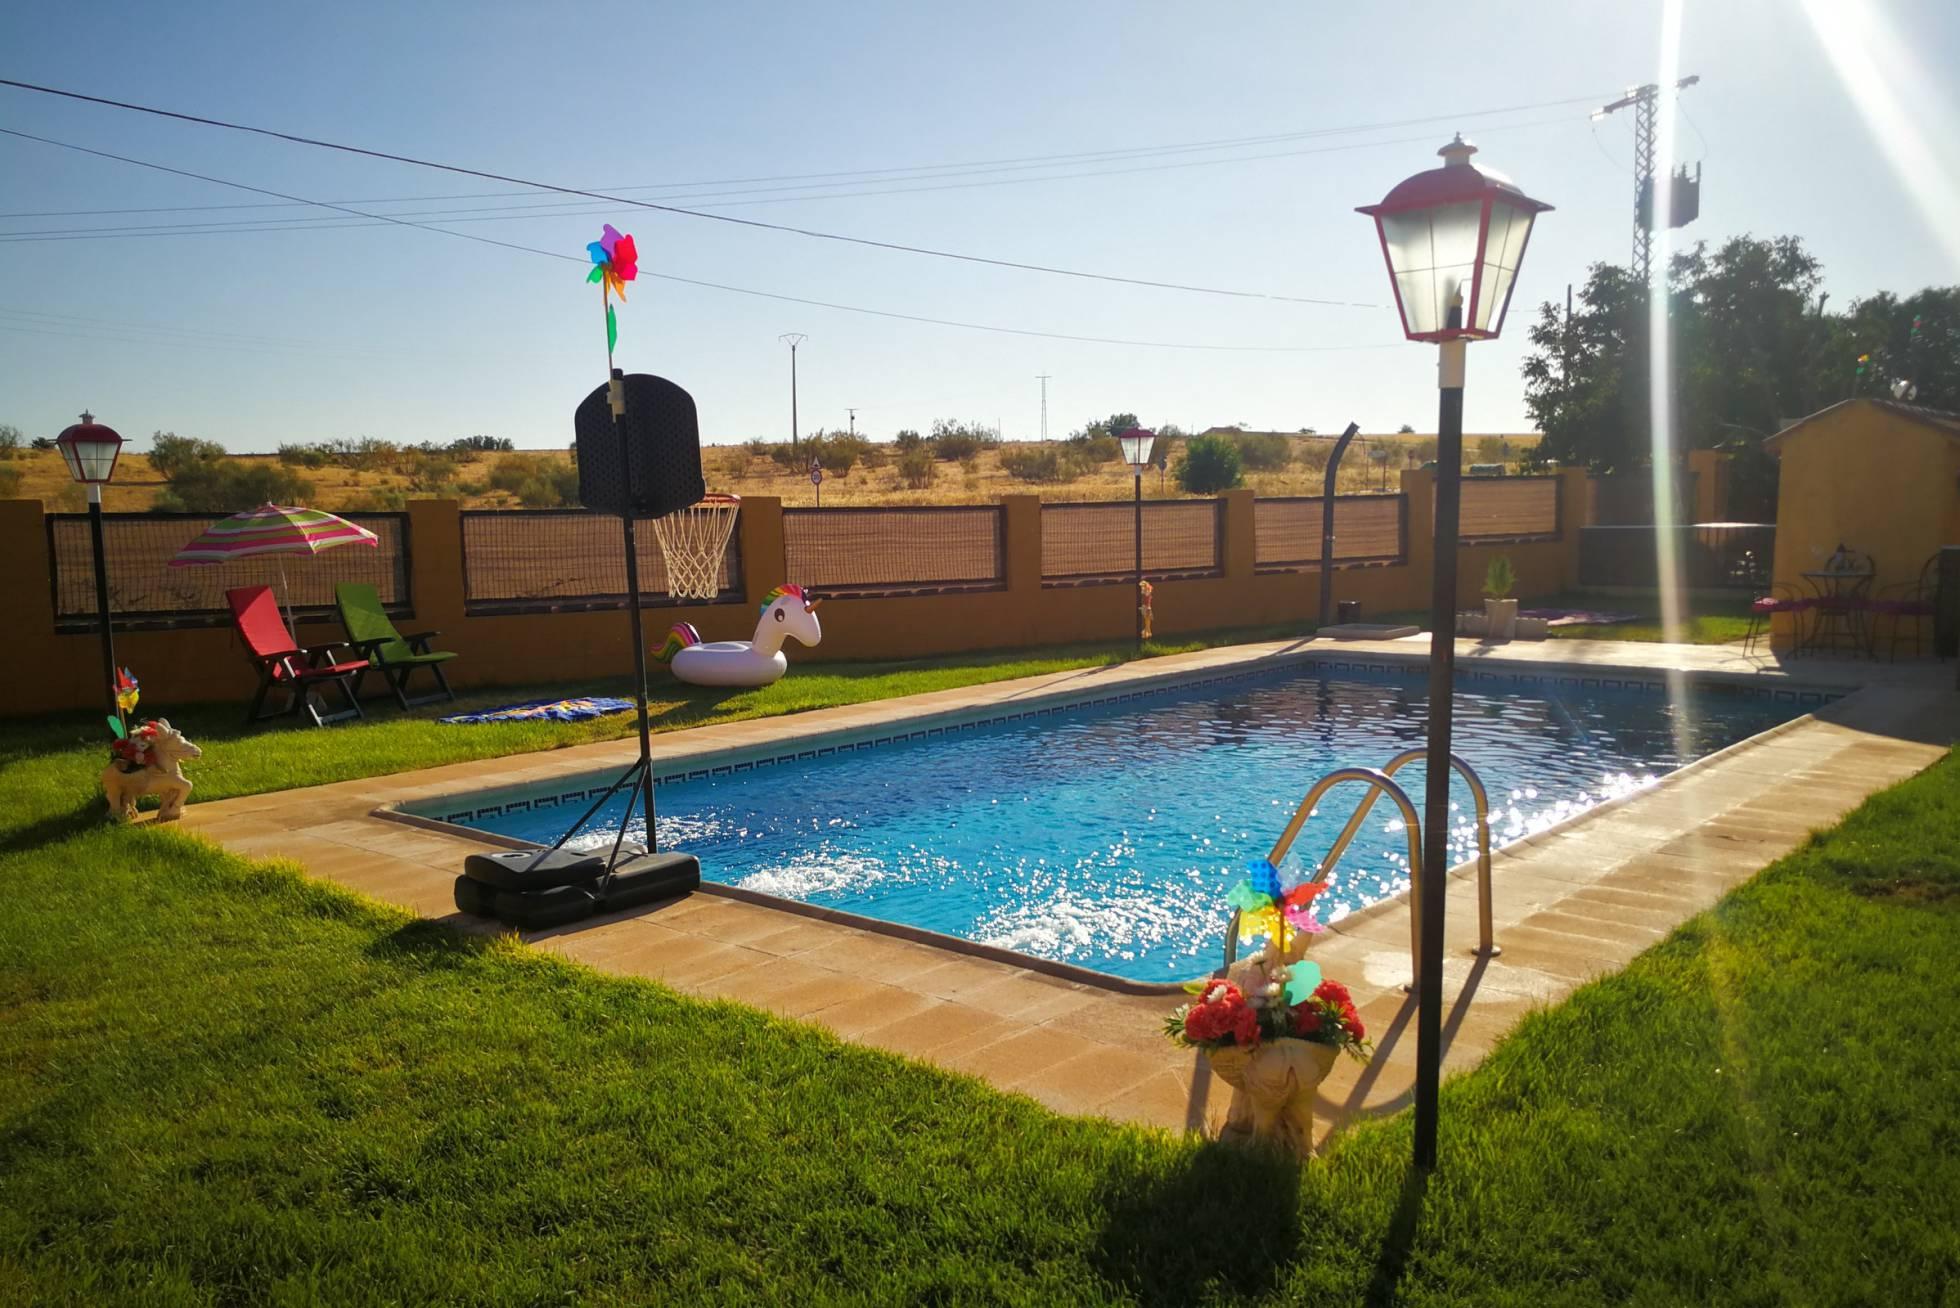 Приложение, позволяющее арендовать бассейны, набирает популярность в Испании